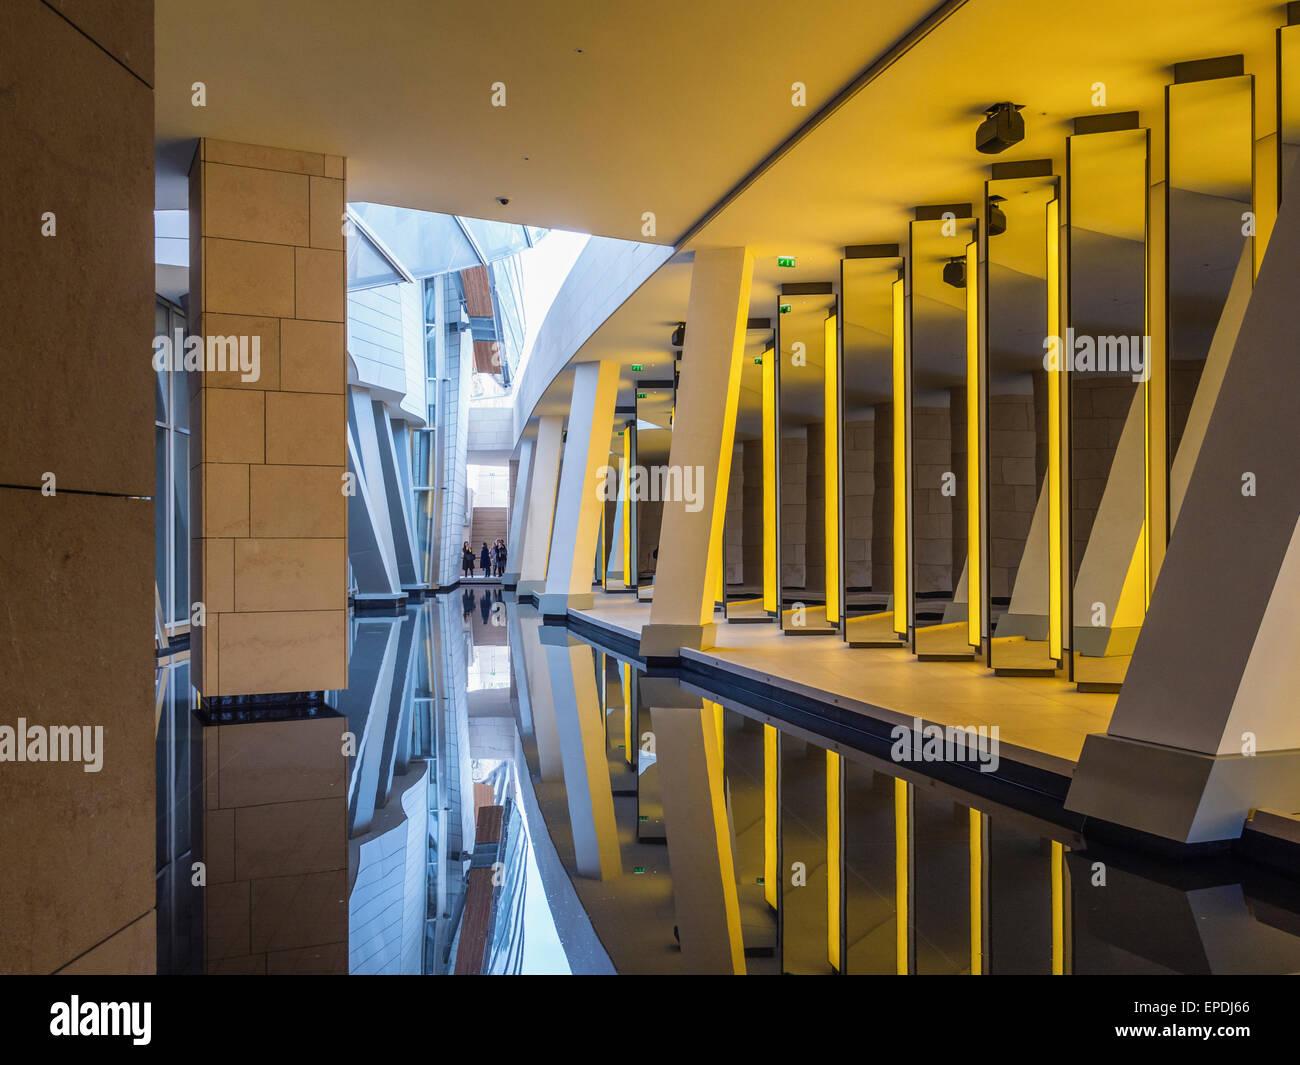 Stiftung Louis Vuitton zeitgenössische Kunst Galerie Interieur in ...